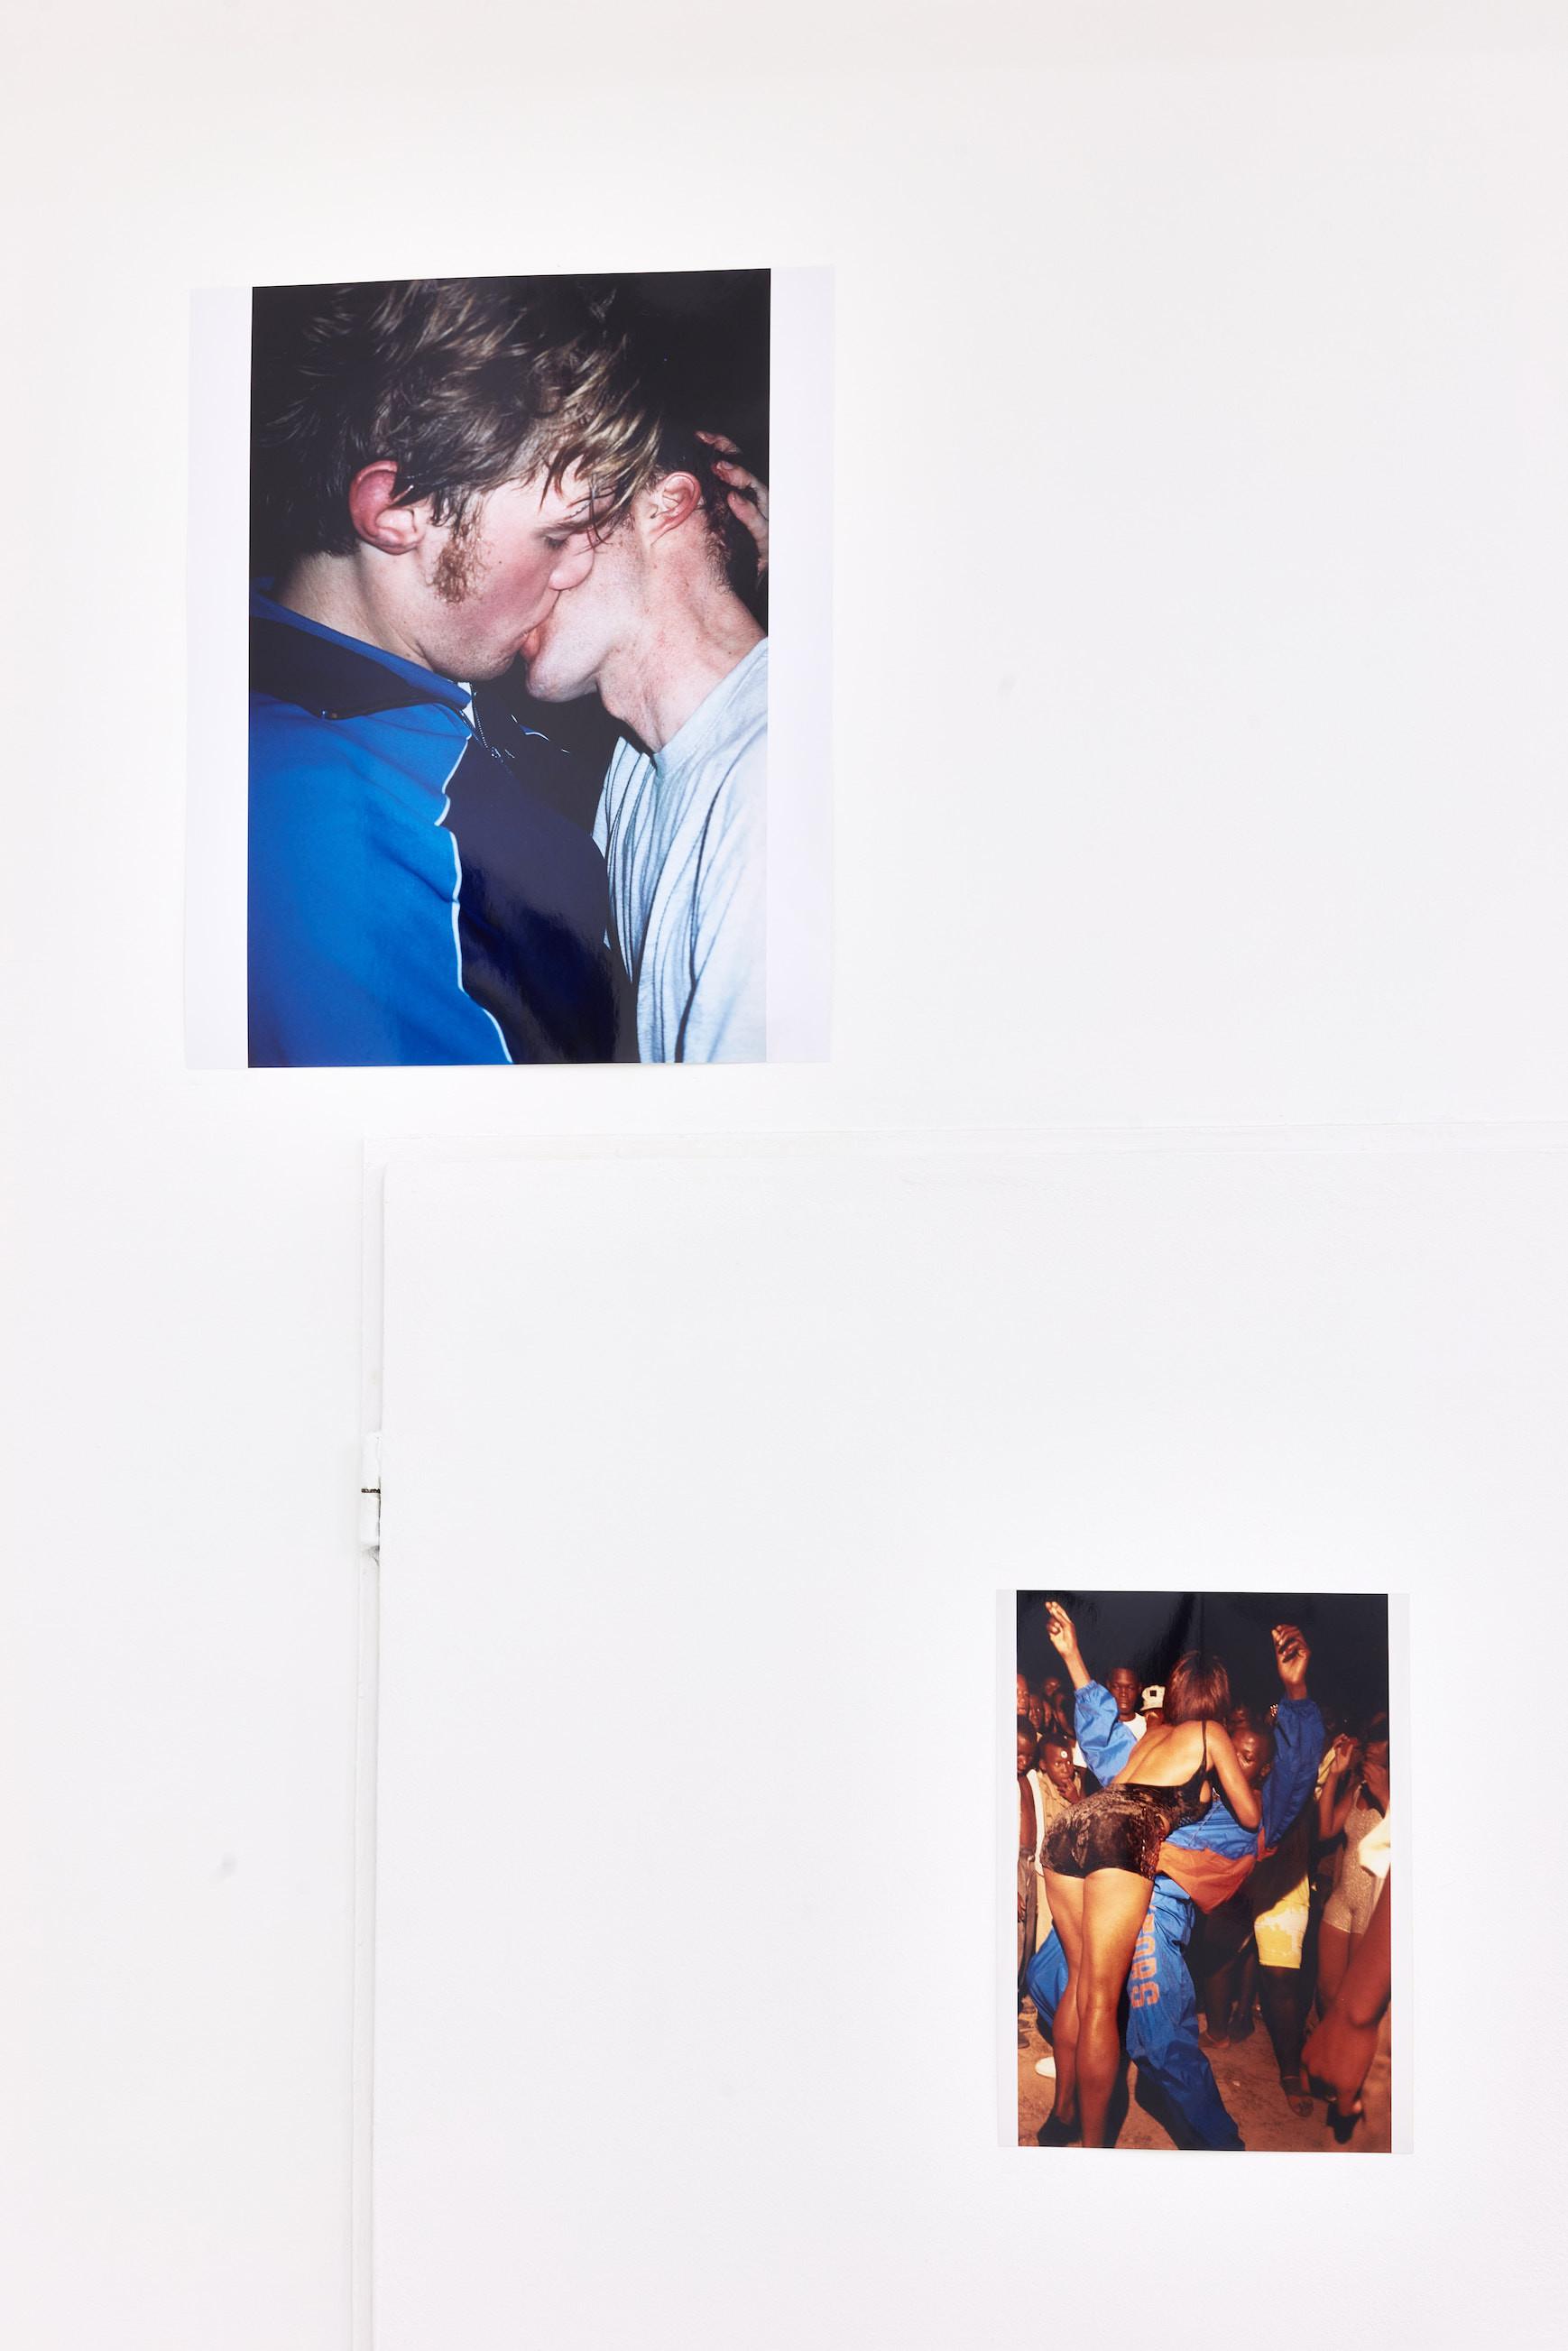 Wolfgang Tillmans: A te tested a tiéd . Kiállítási látkép, Trafó Galéria, 2021. Balra: The Cock (kiss), 2002. Jobbra: Ragga dancess, Kingston, 1992. Fotó: Biró Dávid